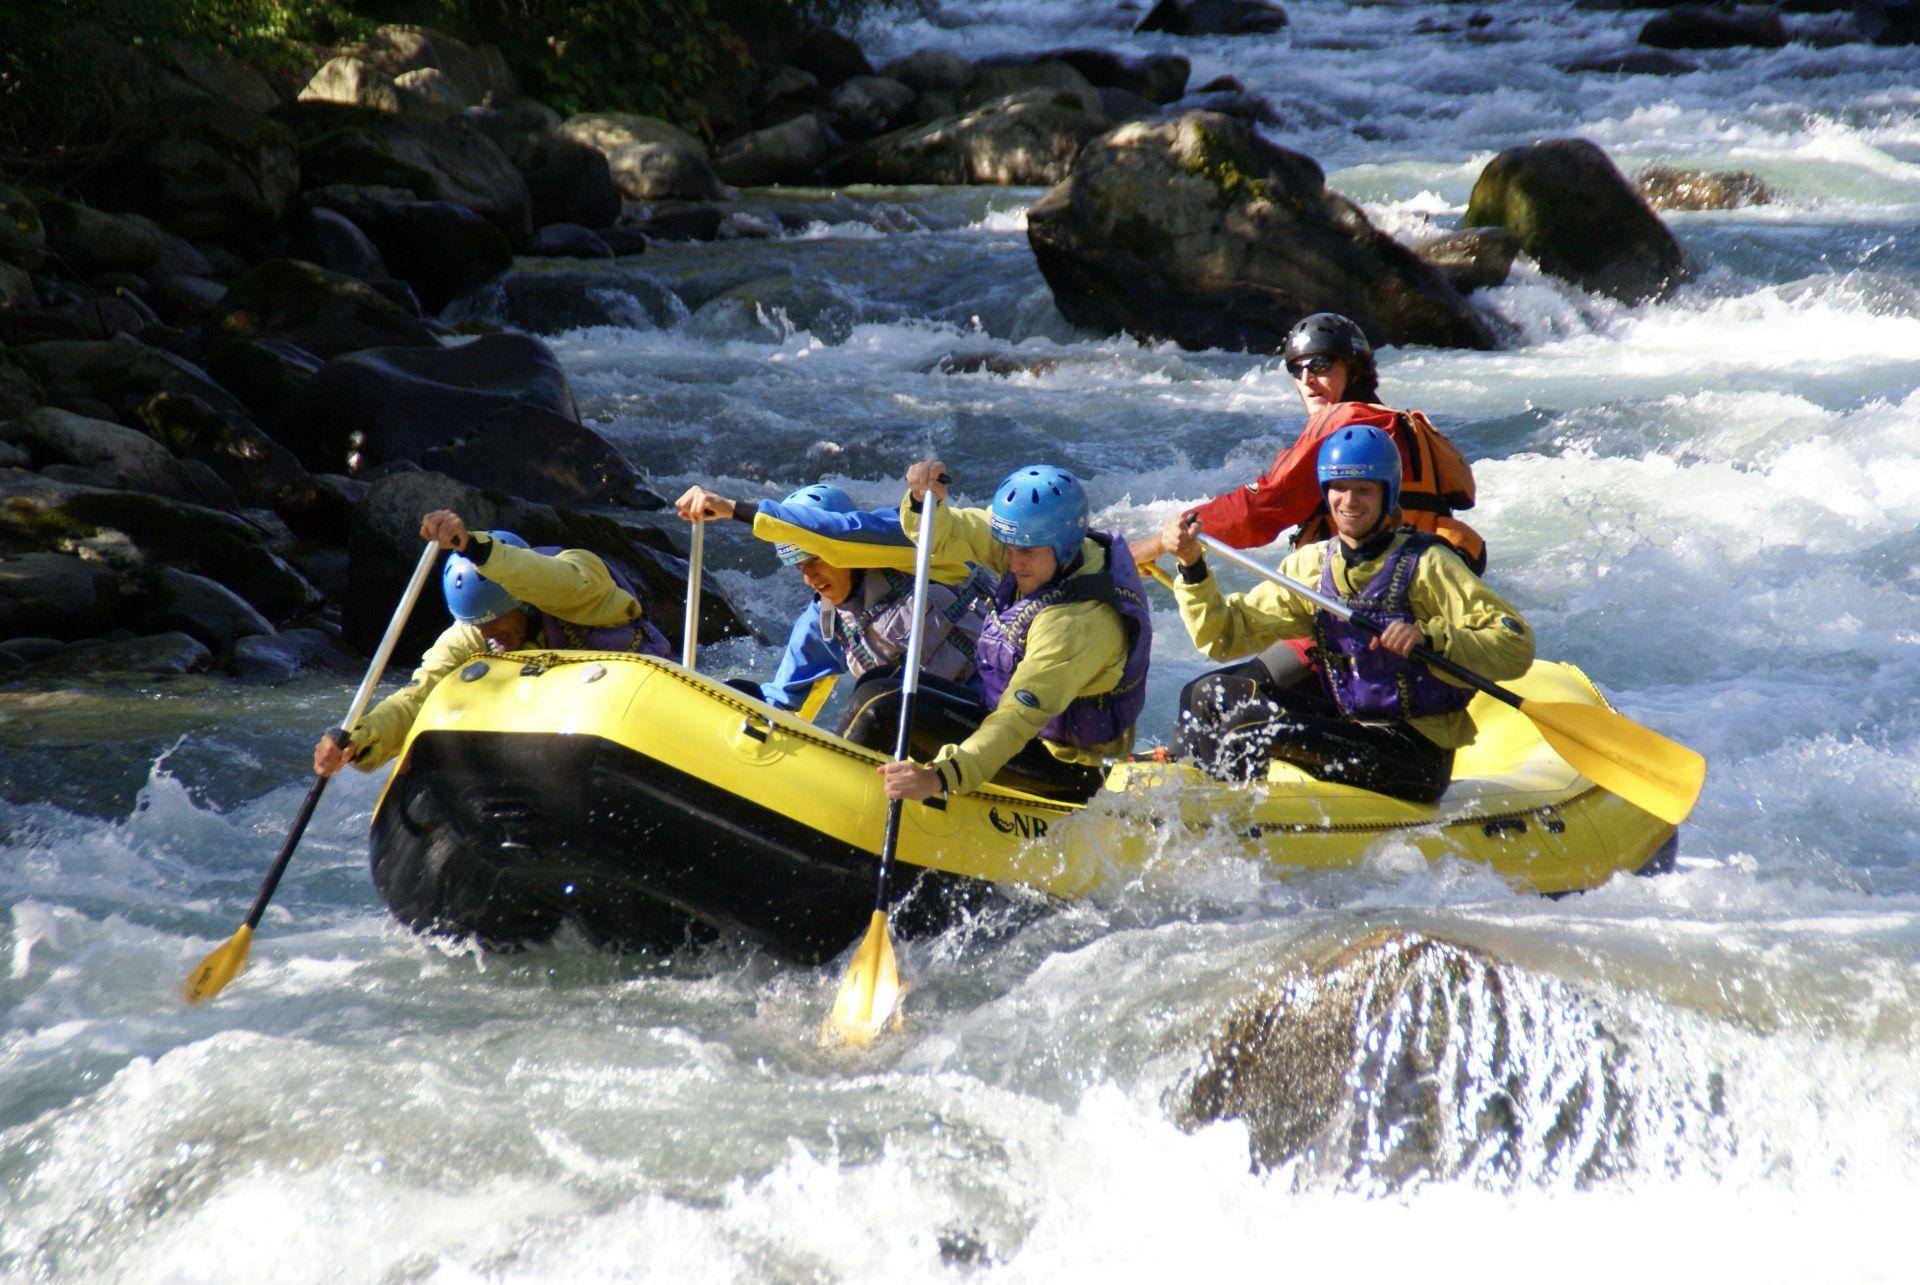 Immagine di testata per Rafting in Val di Sole, Trentino, a tutto divertimento